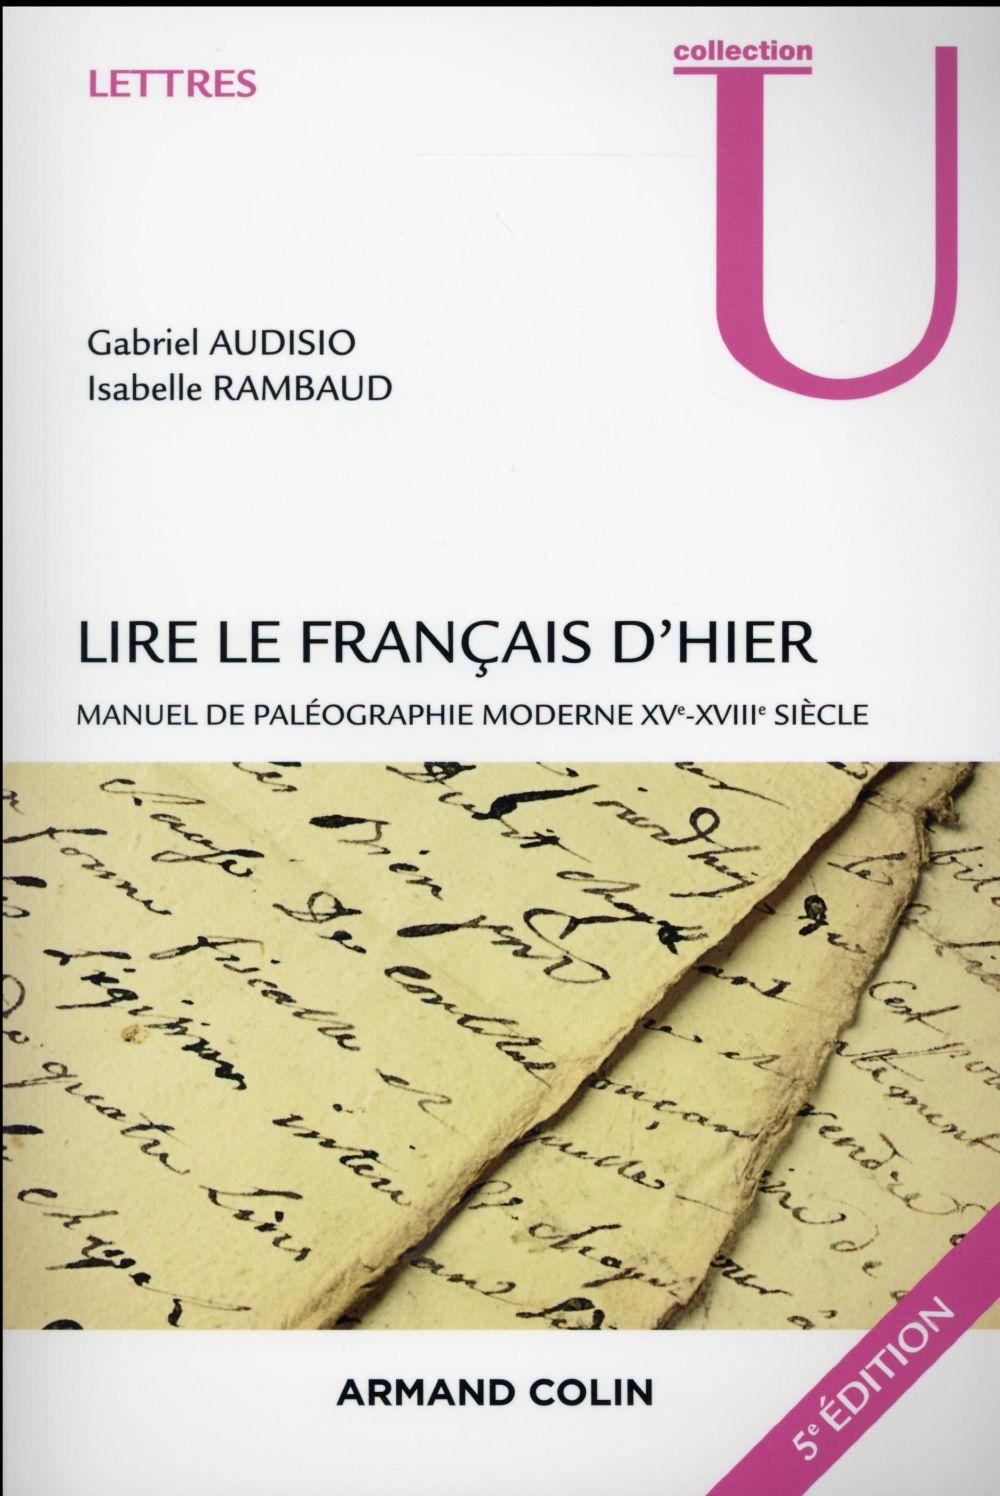 Lire le français d'hier ; manuel de paléographie moderne XVe-XVIIIe siècle